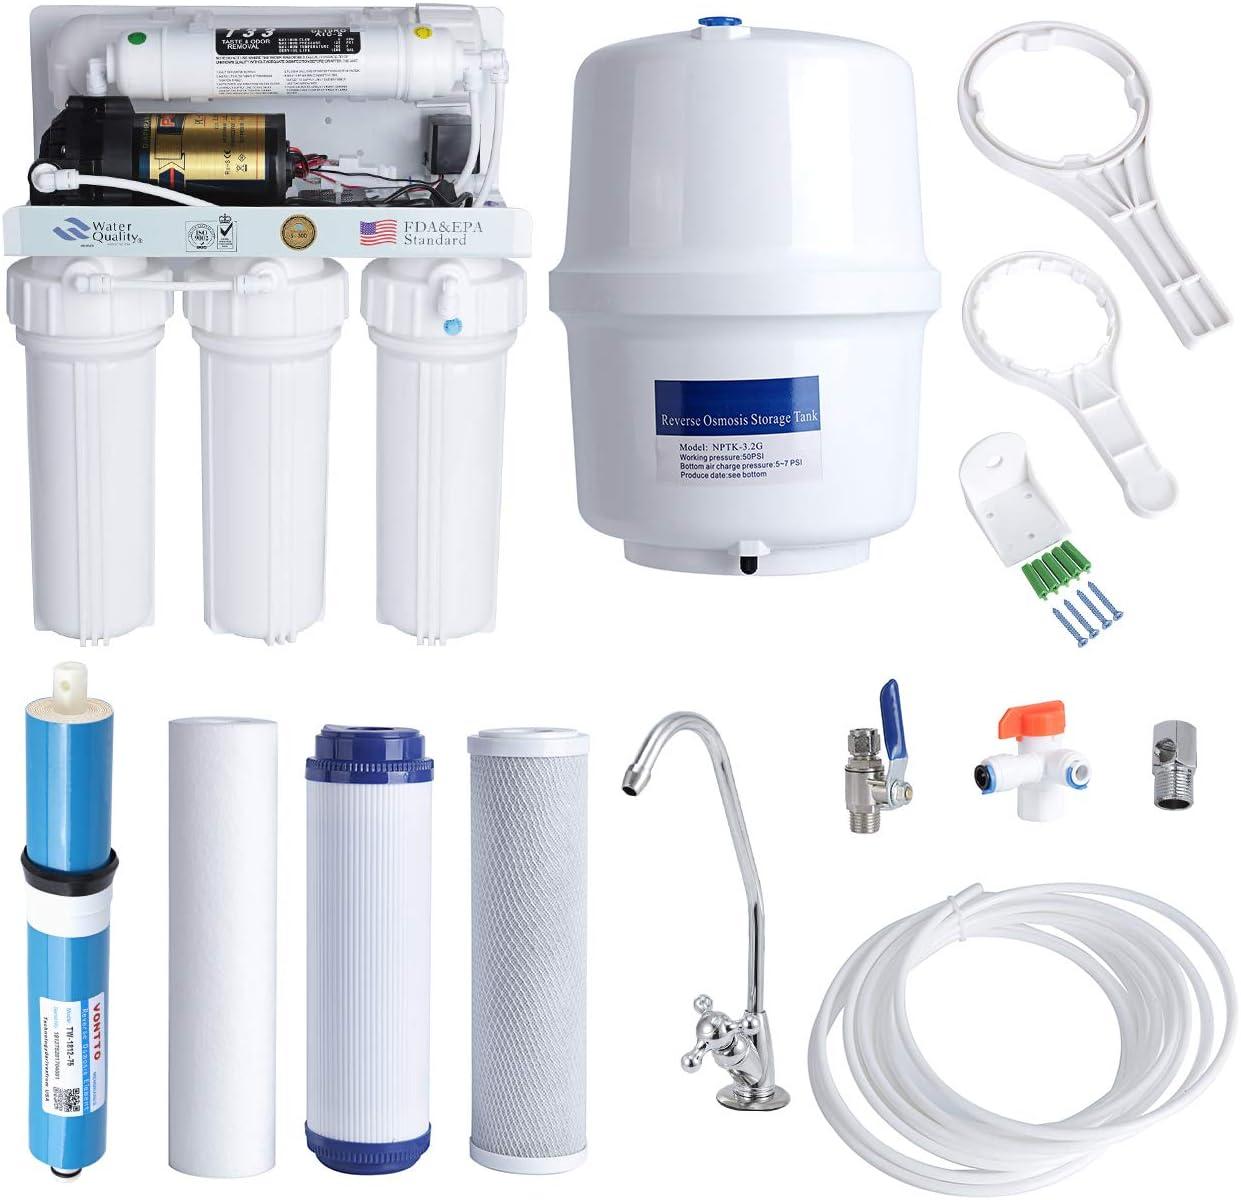 Kit de purificador de sistema de filtración de agua para el hogar de ósmosis inversa de 5 etapas para agua potable ...